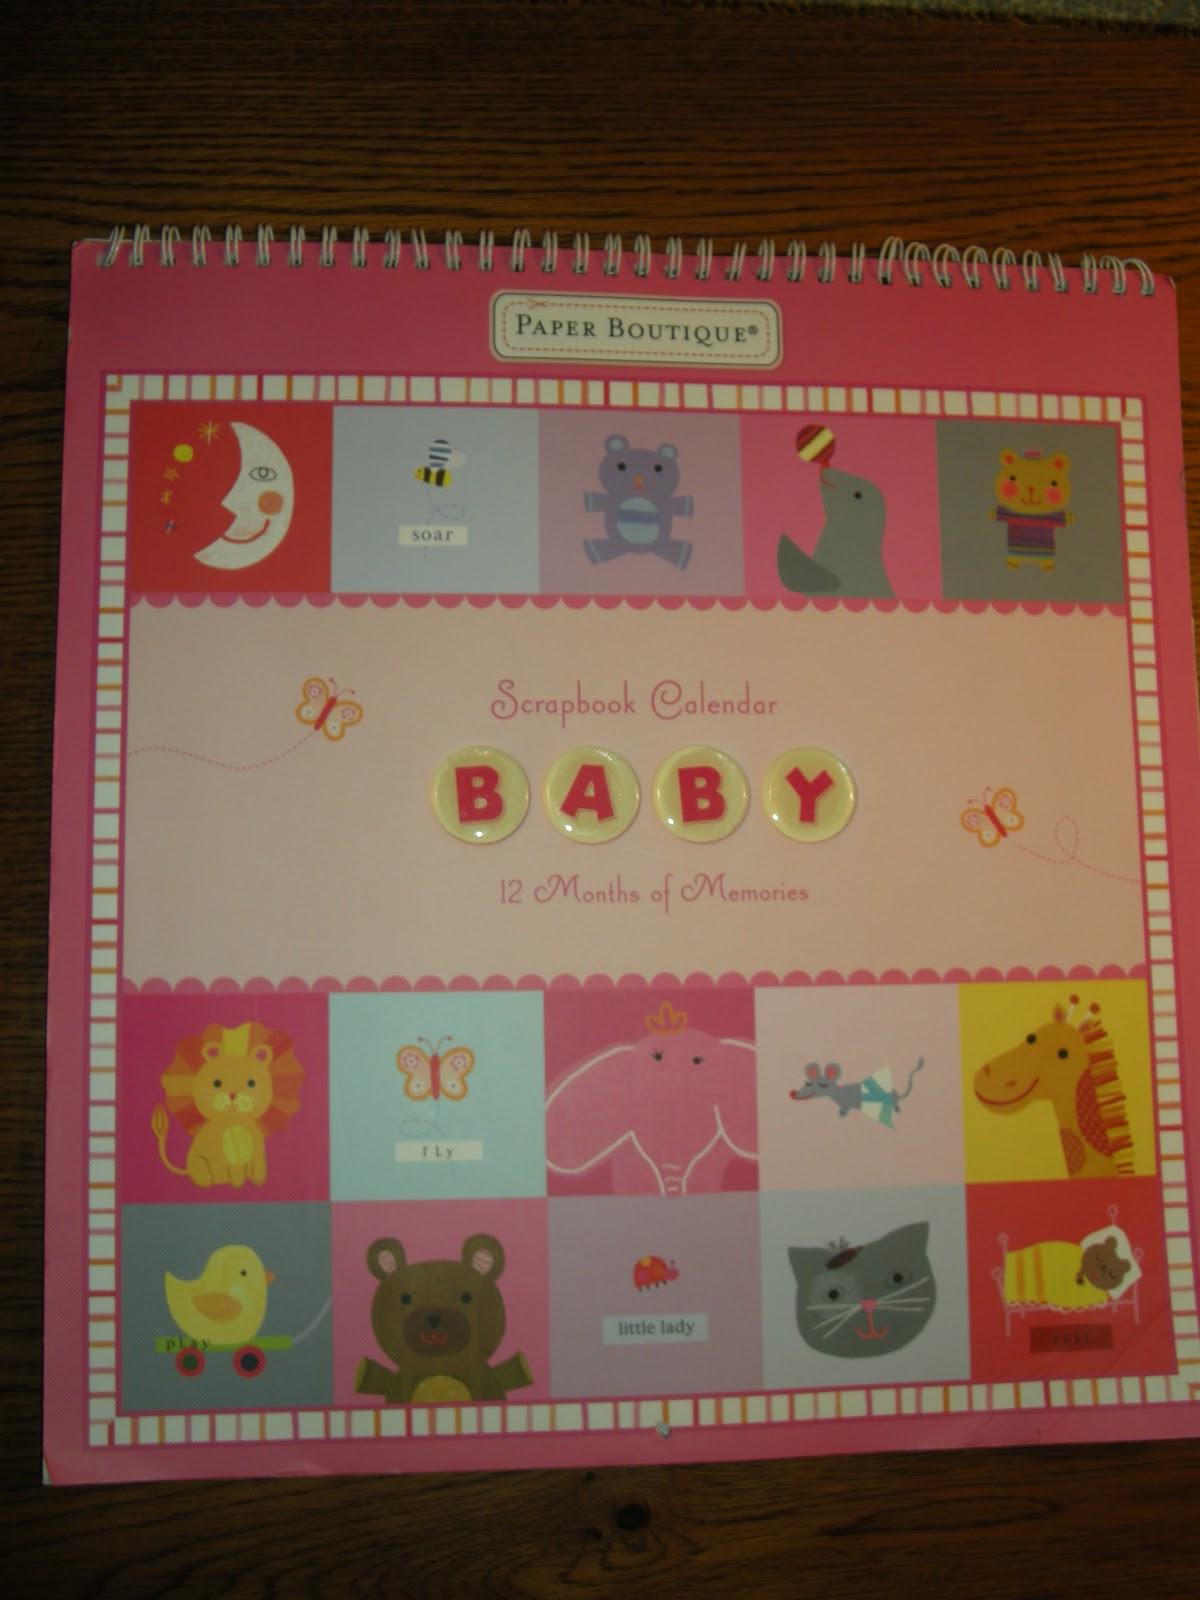 Baby Scrapbooks For Sale Baby Scrapbook Calendar